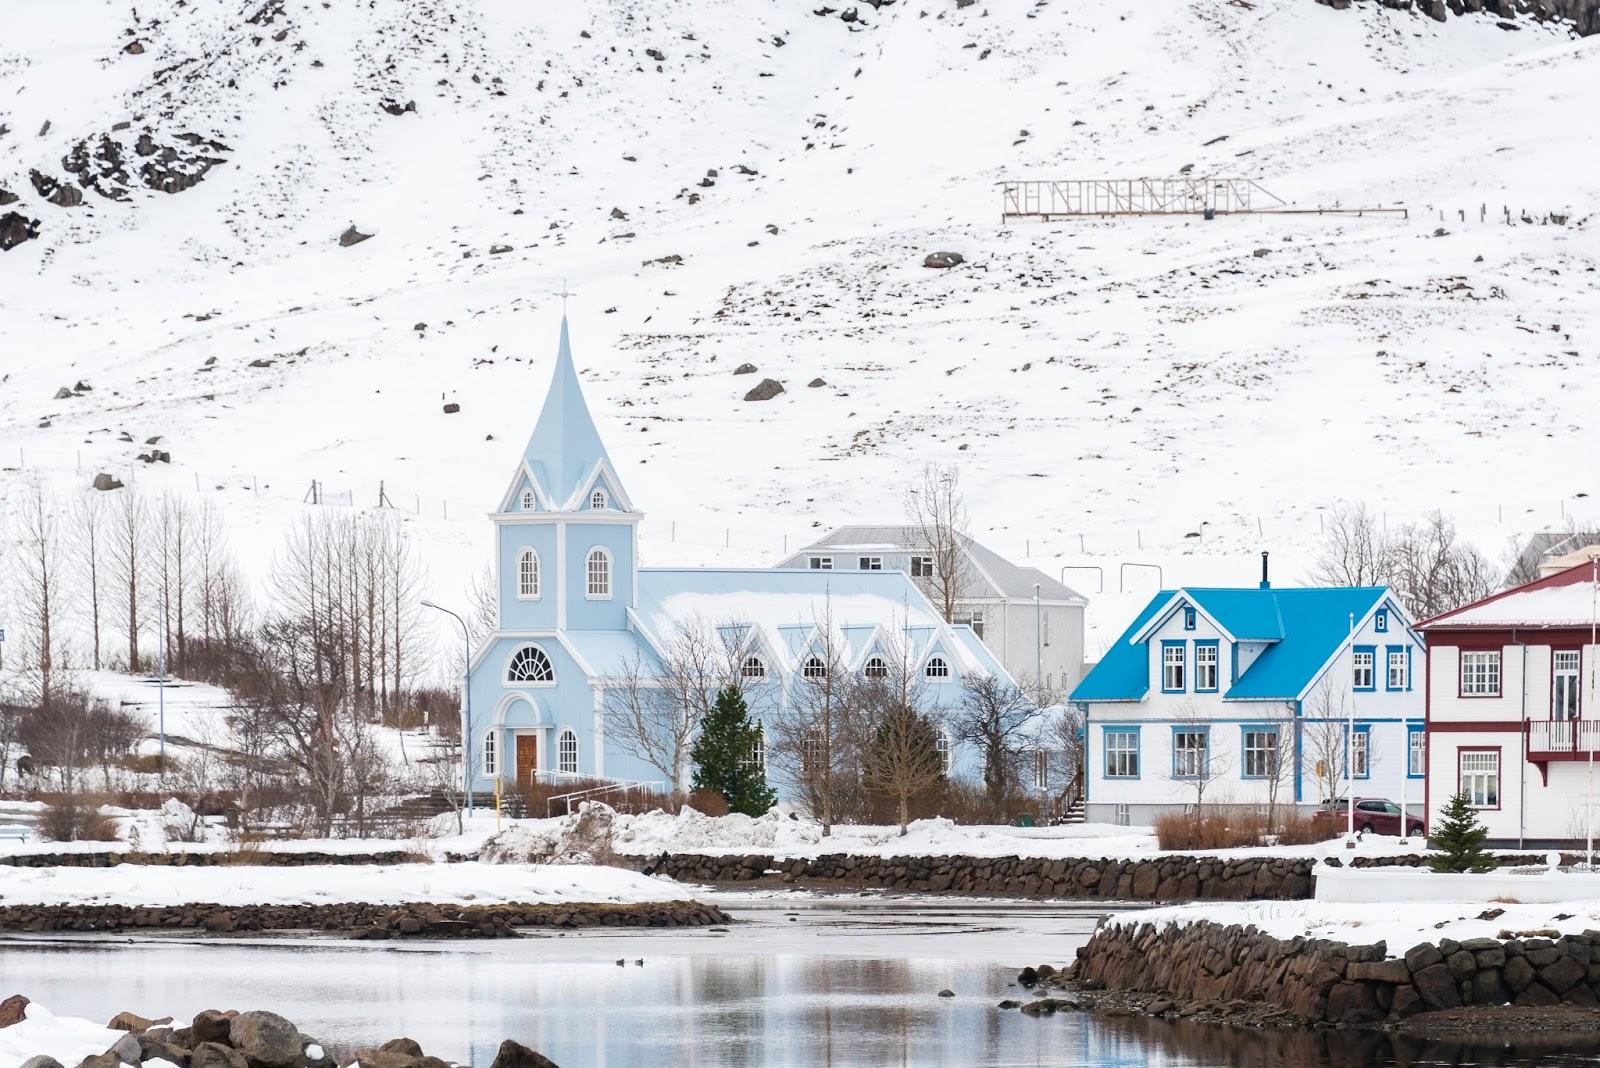 Resultado de imagen para Reikiavik, Islandia DICIEMBRE